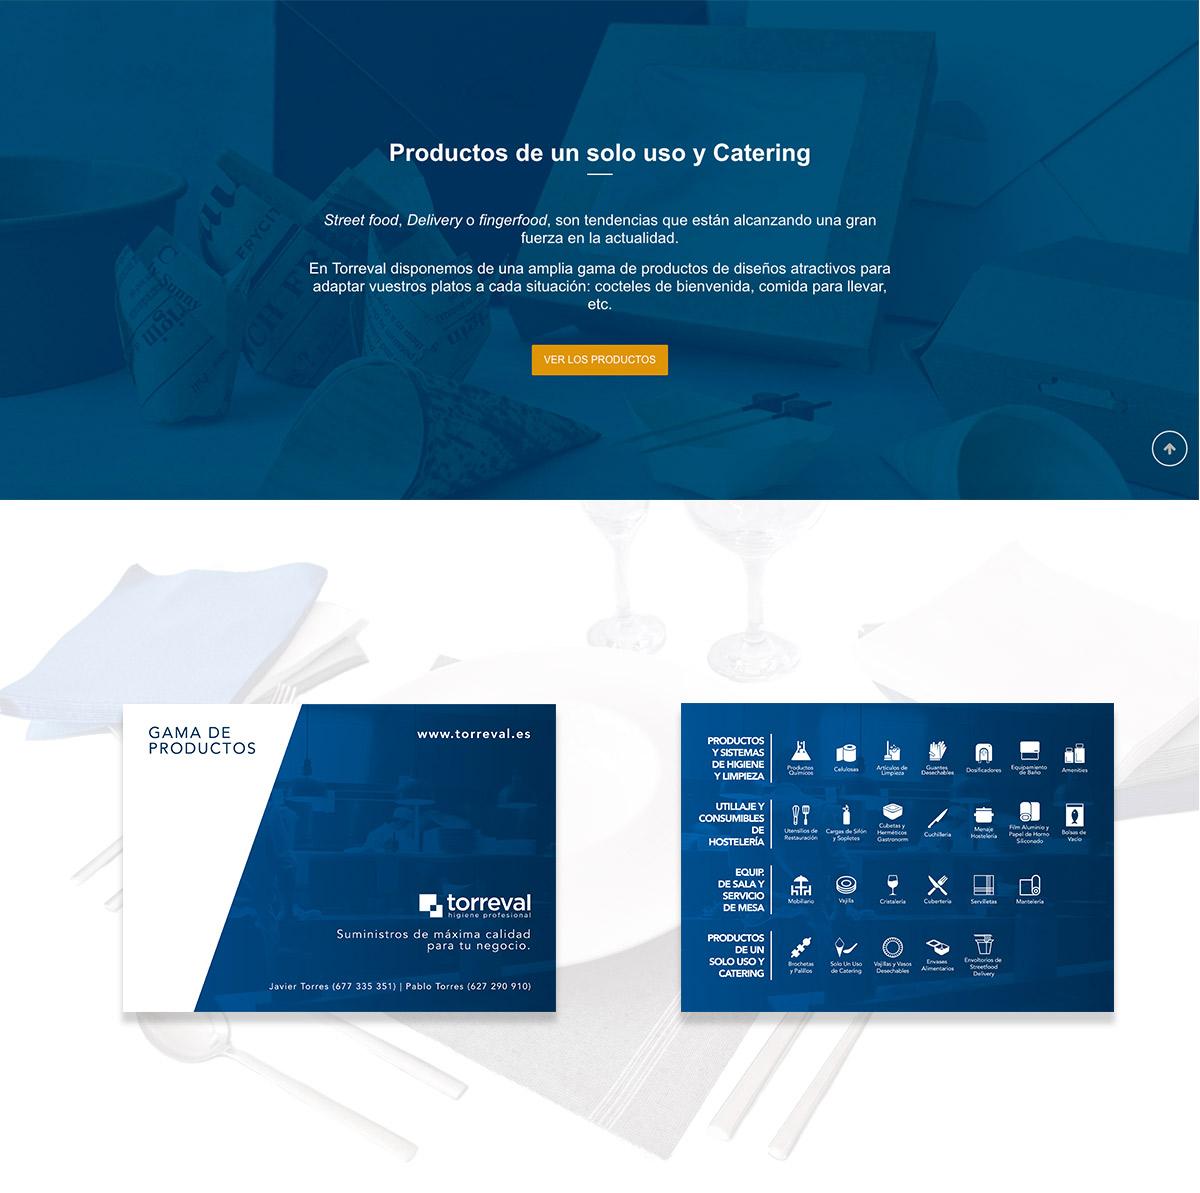 diseno-web-branding-valencia-torreval-3